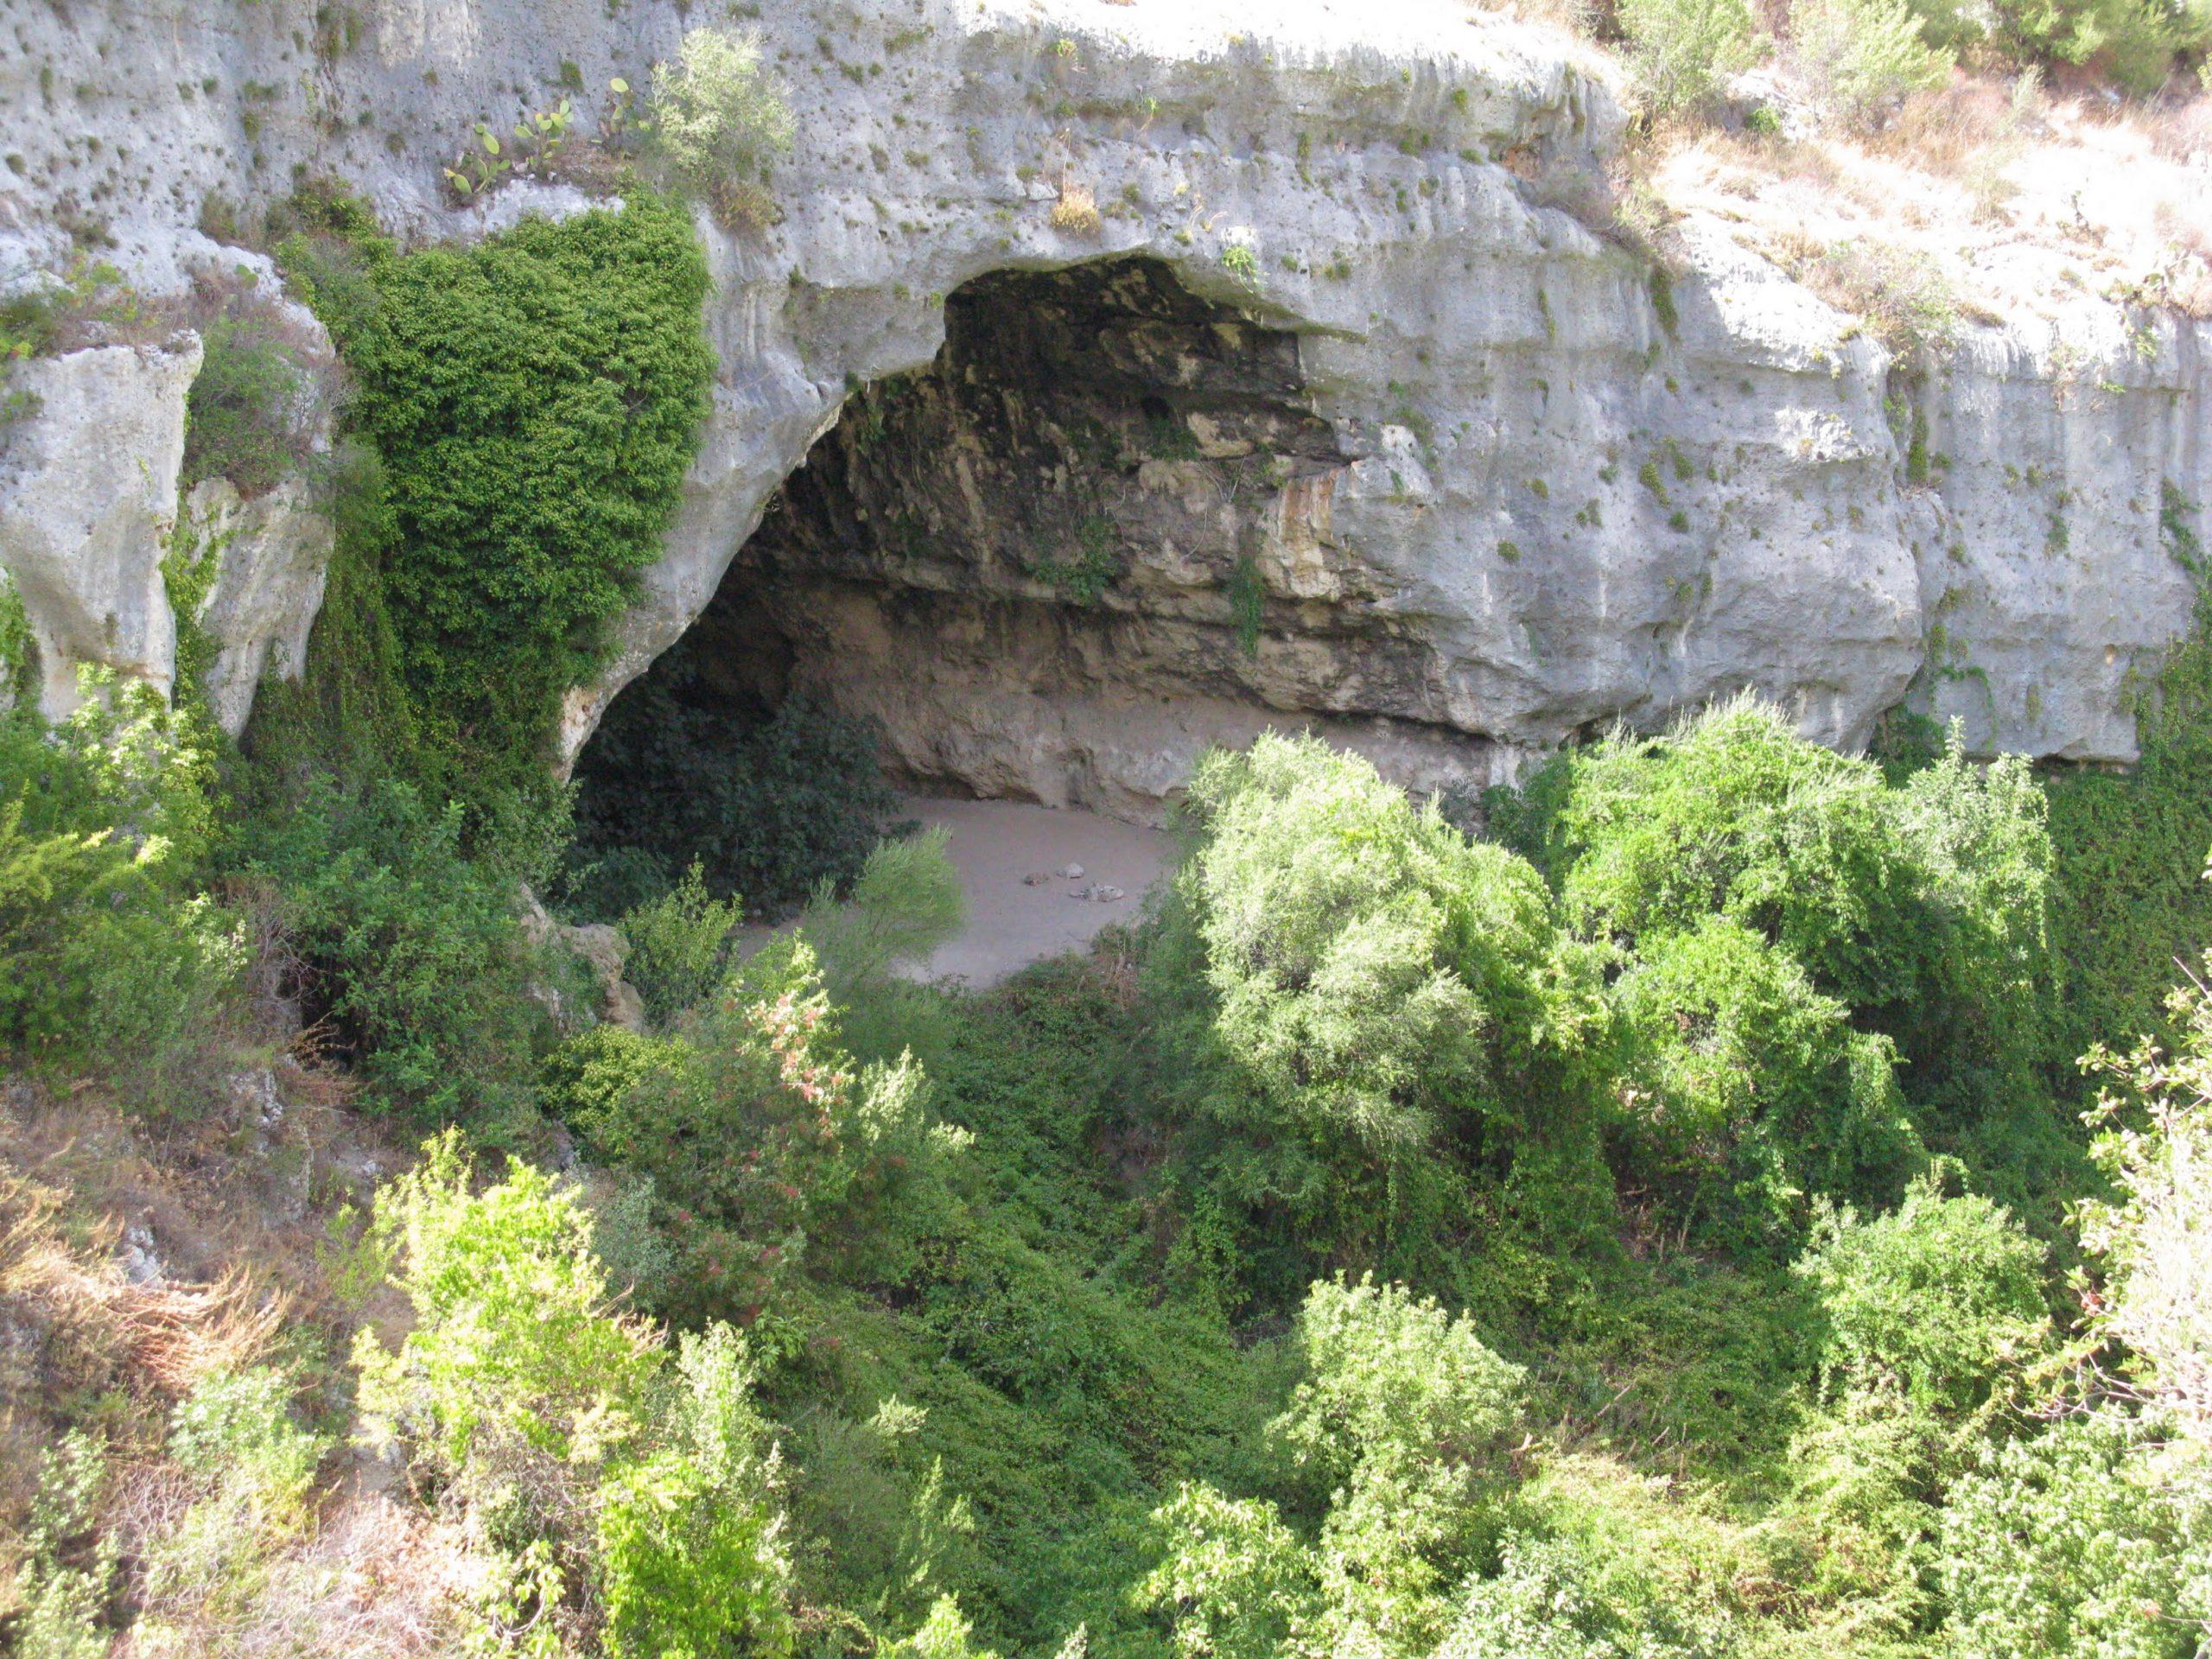 grande grotta a forma di piramide con molta vegetazione ai fianchi